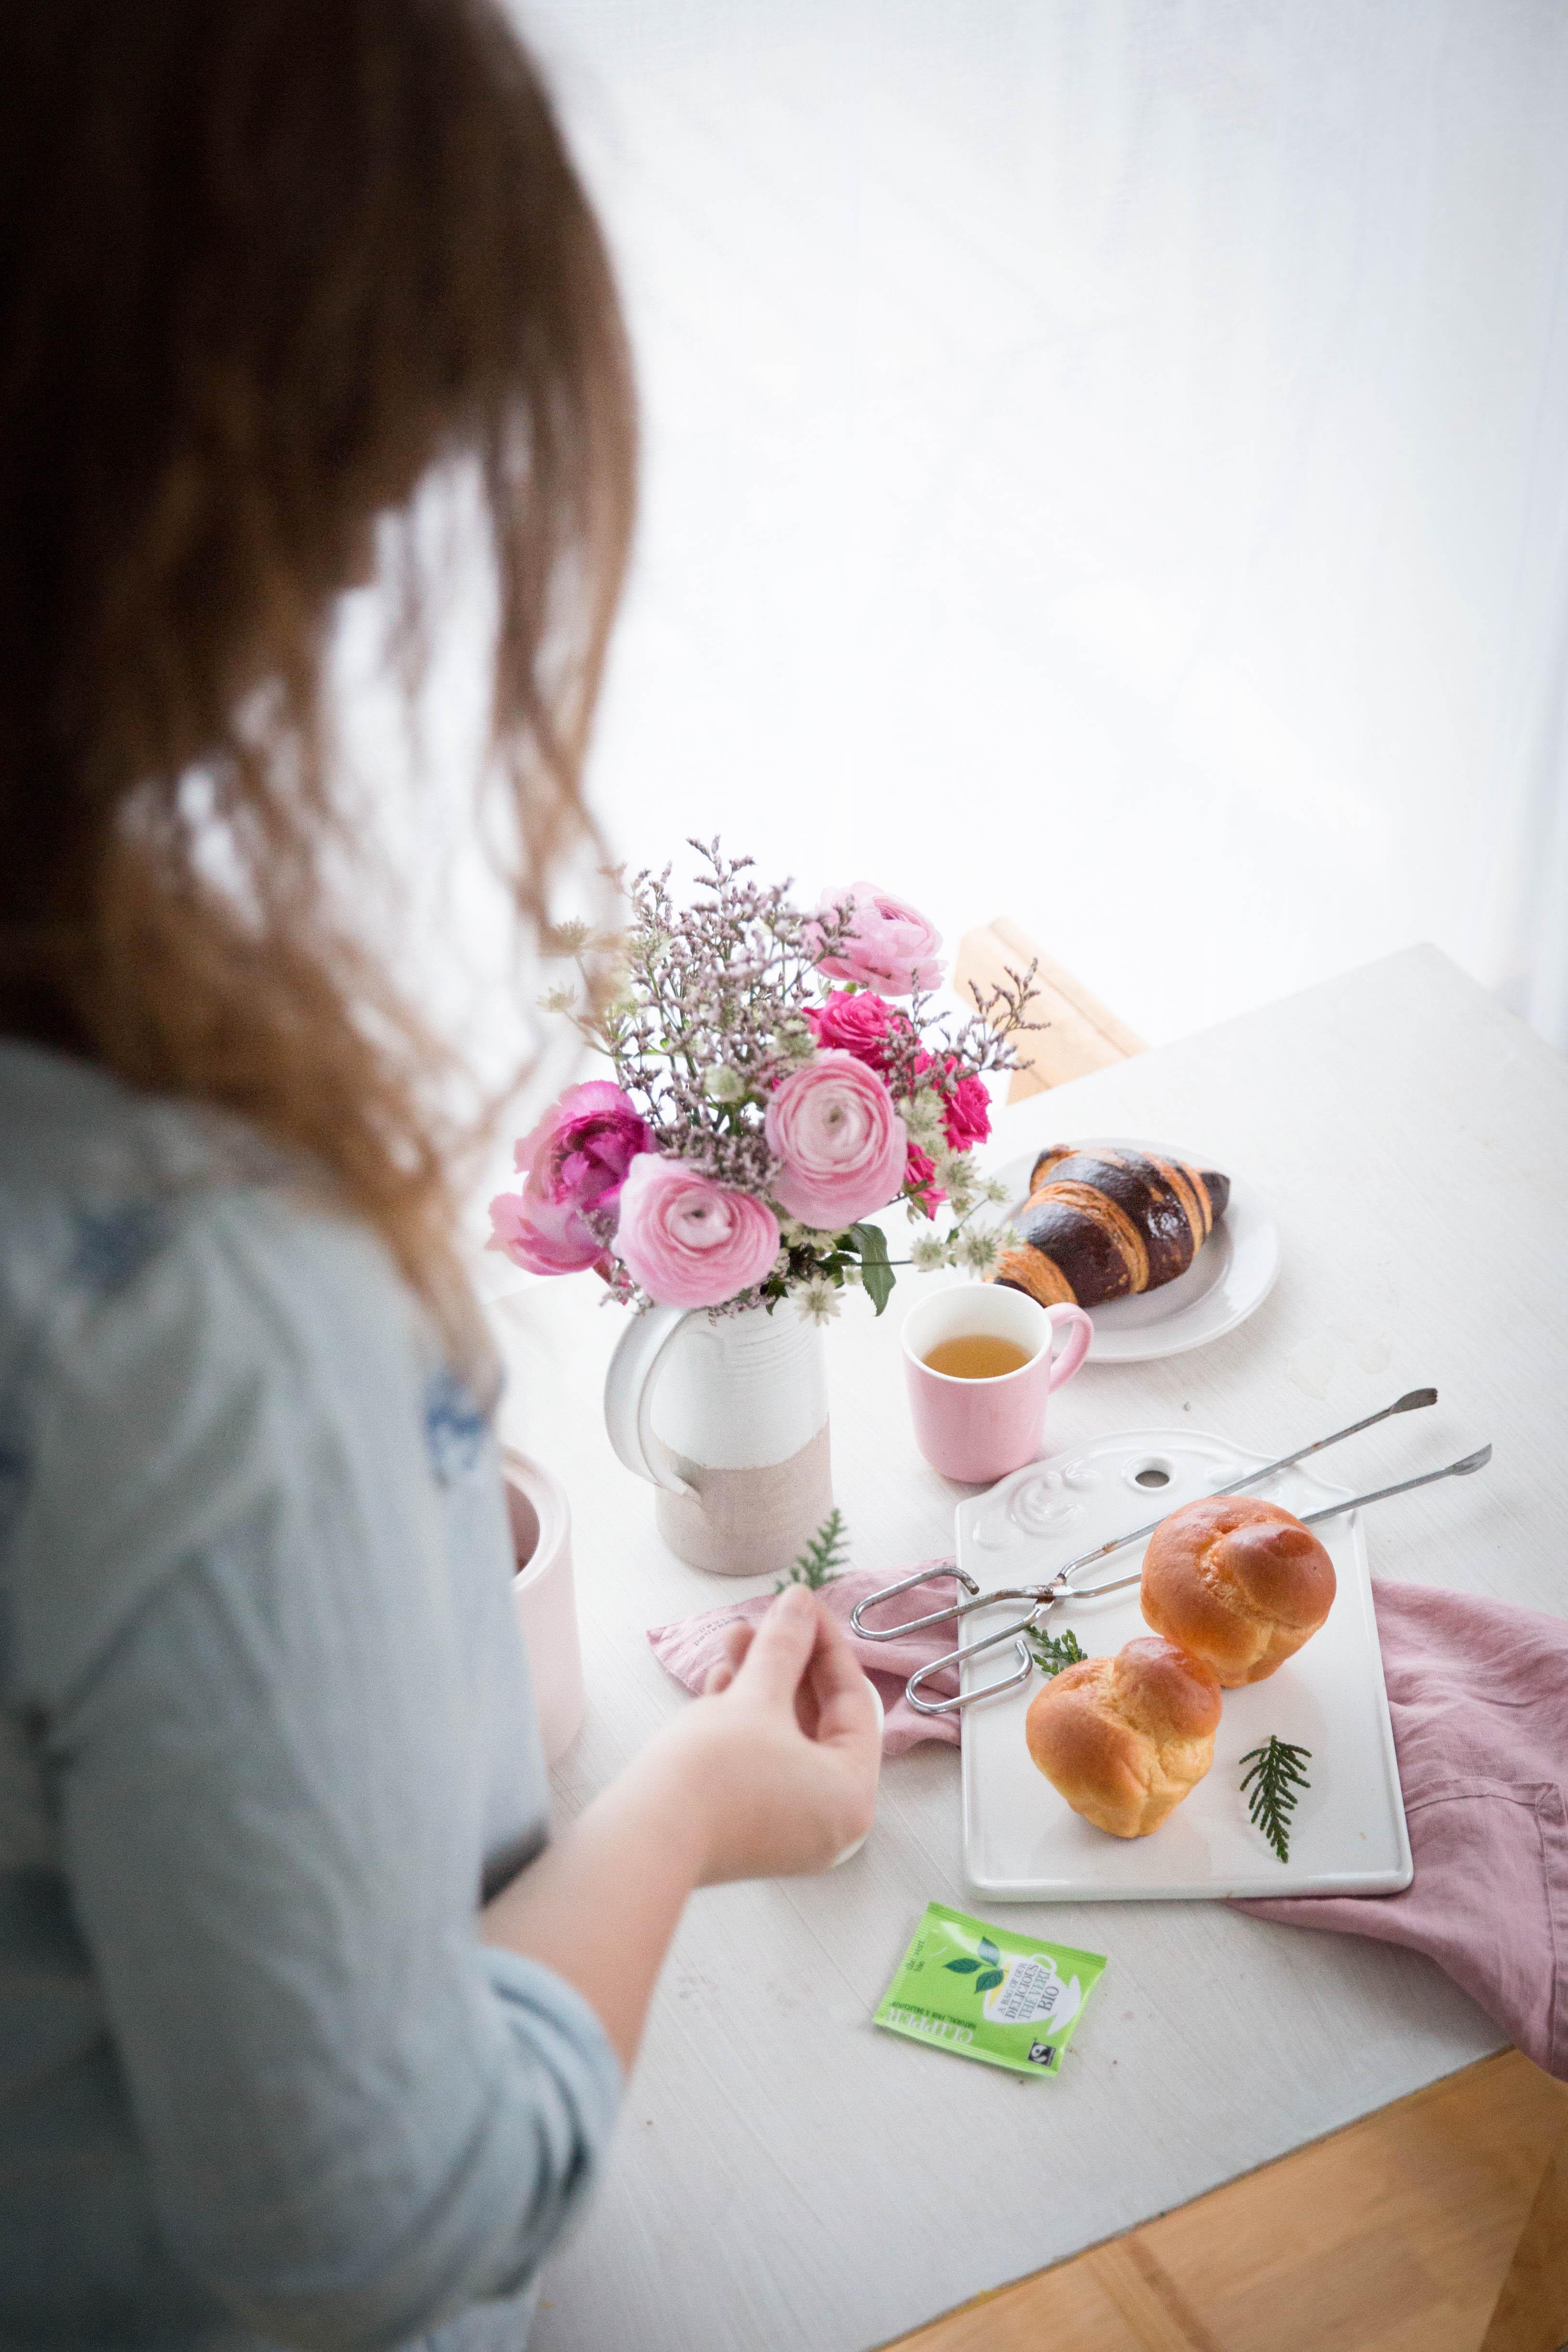 Je suis devenue photographe & styliste culinaire - Albane Hemon